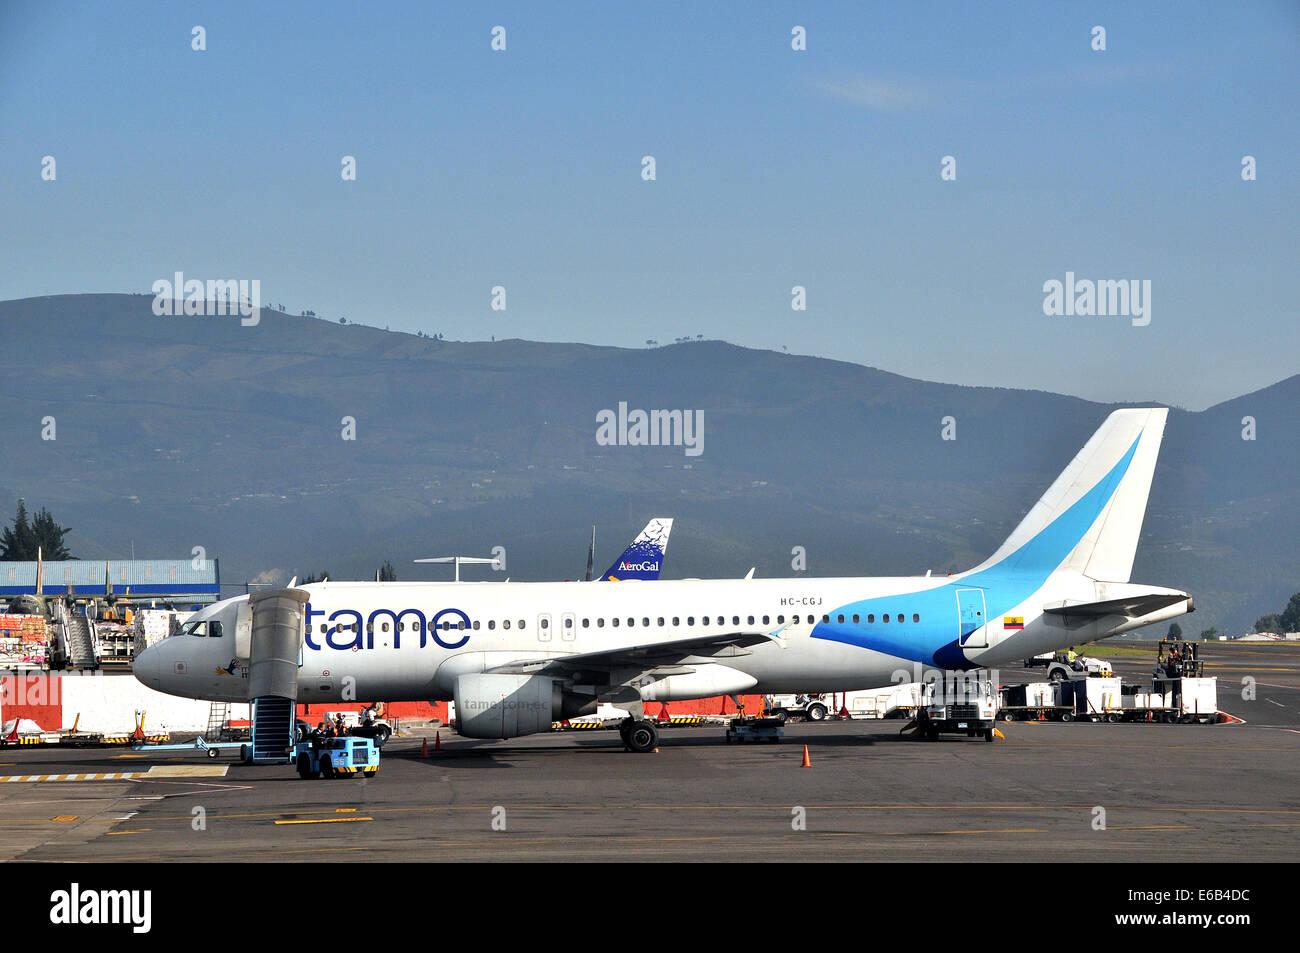 Airbus A320-214 der zahmen Airways Mareshal Sucre internationaler Flughafen Quito Ecuador Stockbild